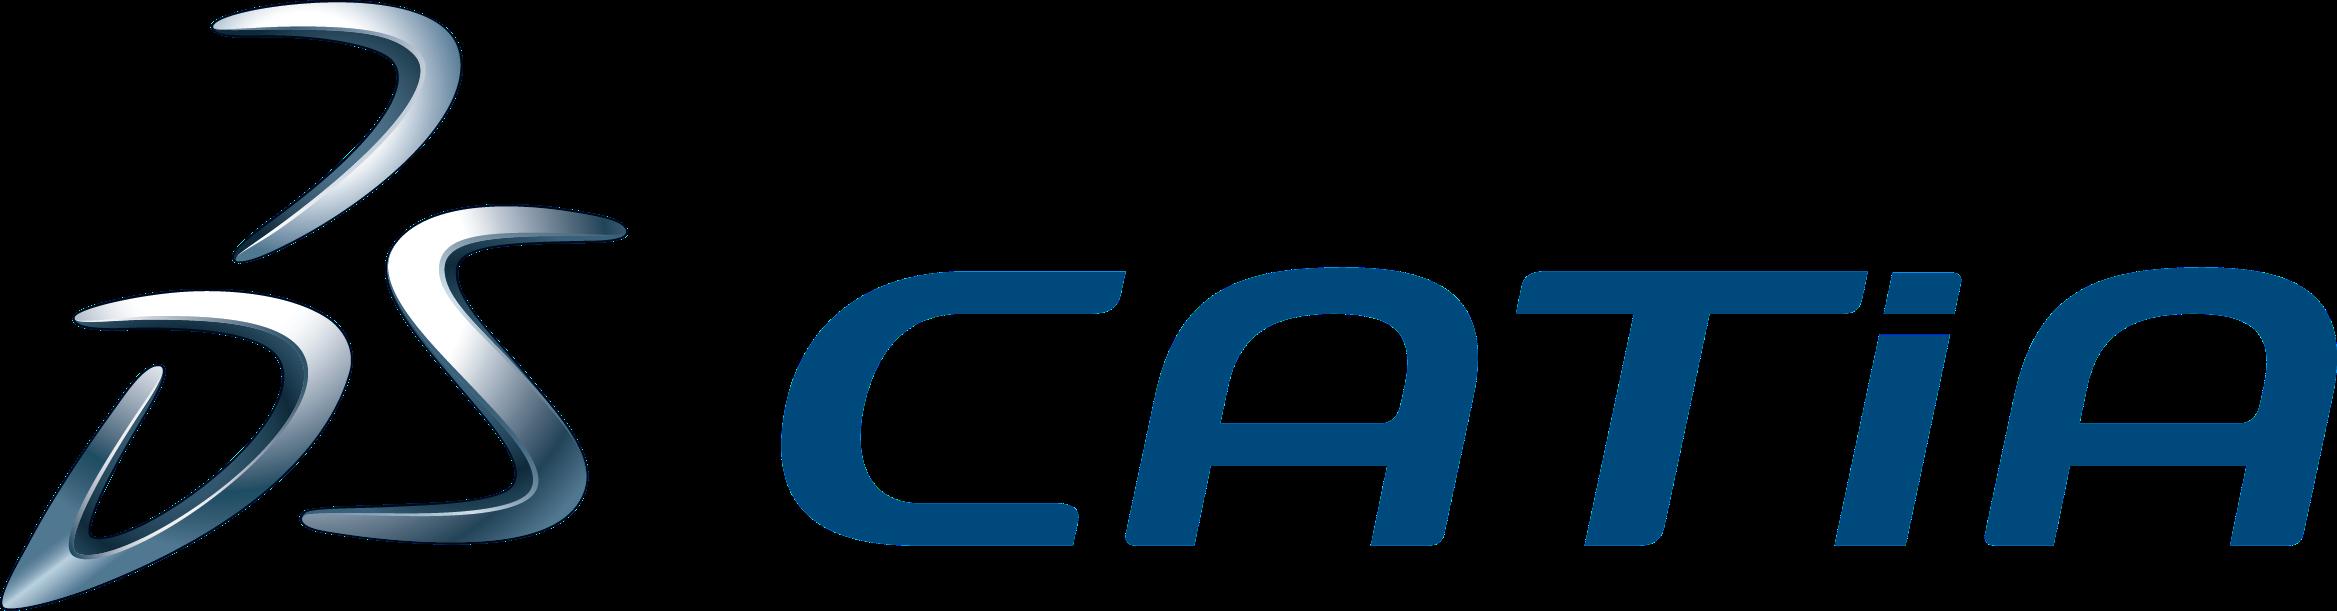 CATIA Blue Logostyle